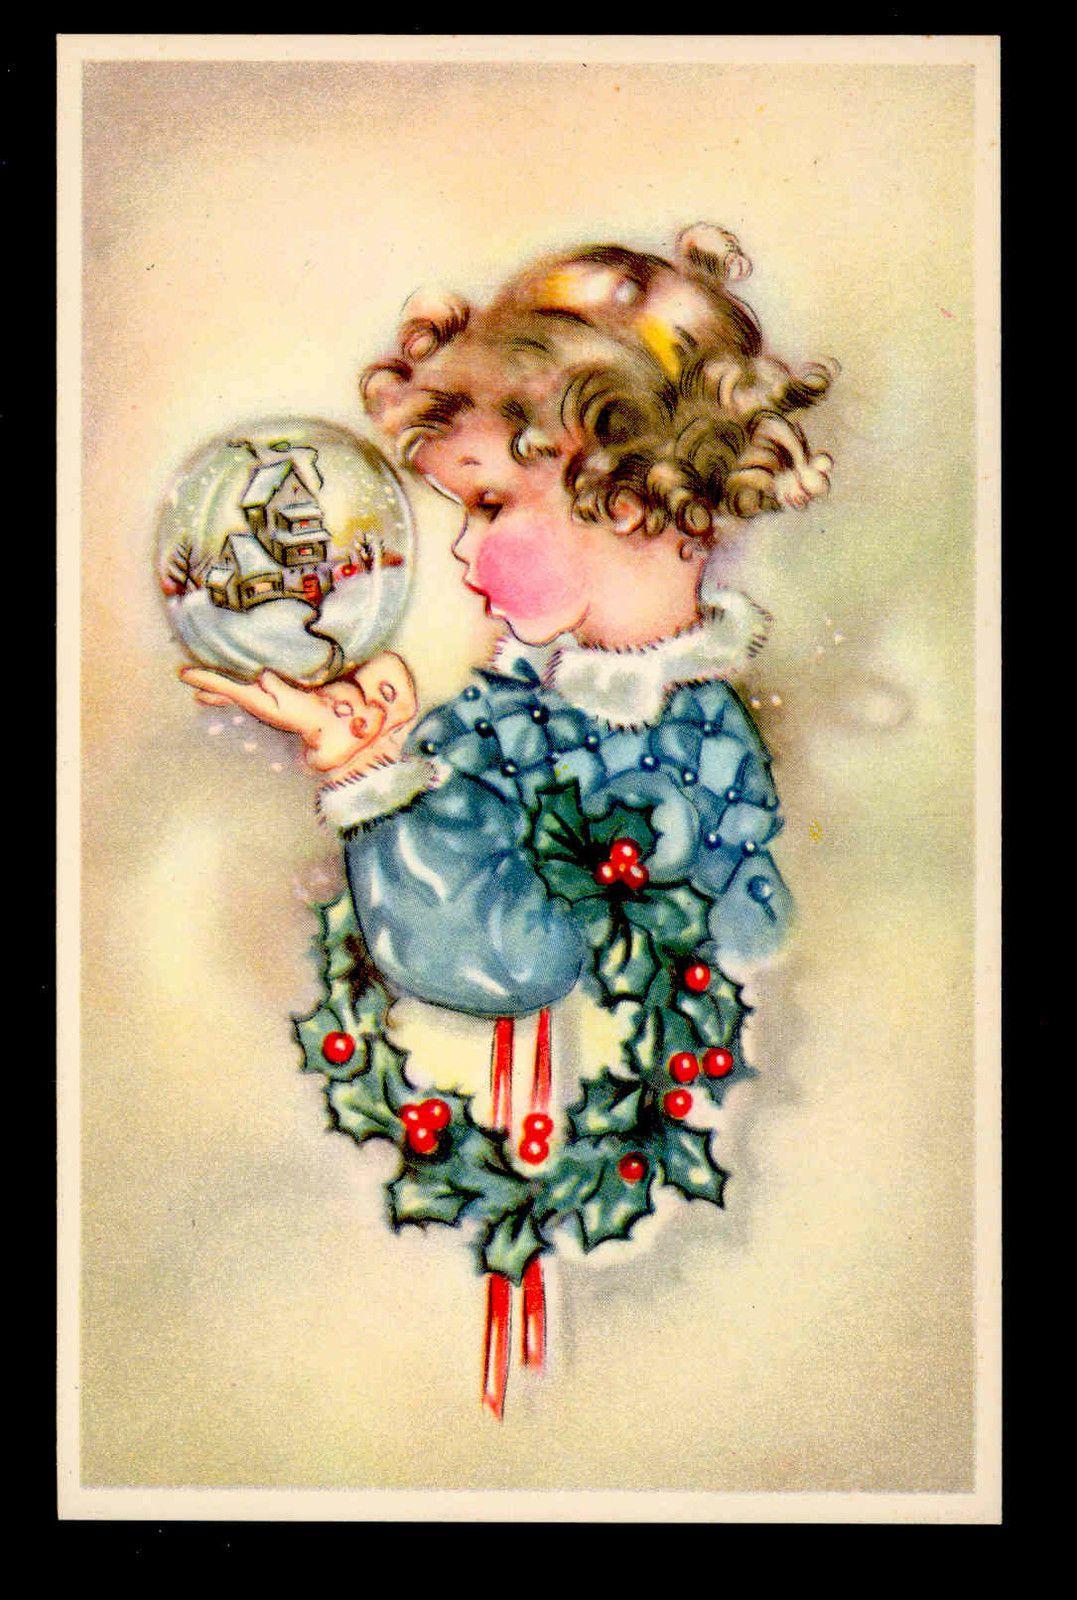 Wreath from old christmas cards - Mint Girl Gazes Into Snow Globe Christmas Holly Wreath Ballin Old Postcard Ebay